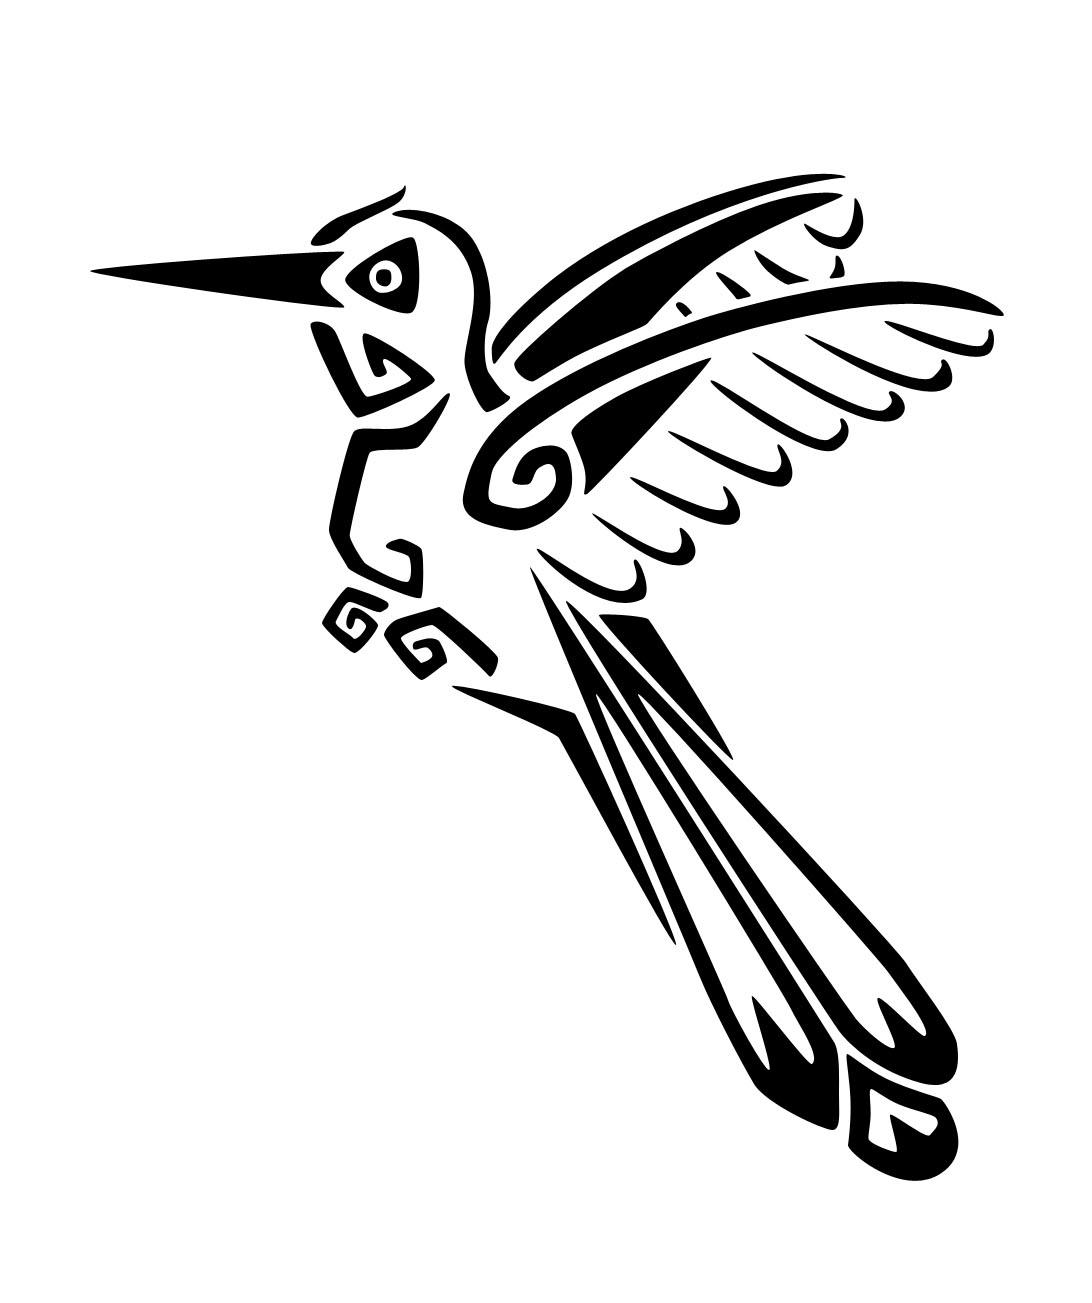 Tribal Bird TattoosAnimal TattooAnimal Tattoo  Tribal Bird Tattoos